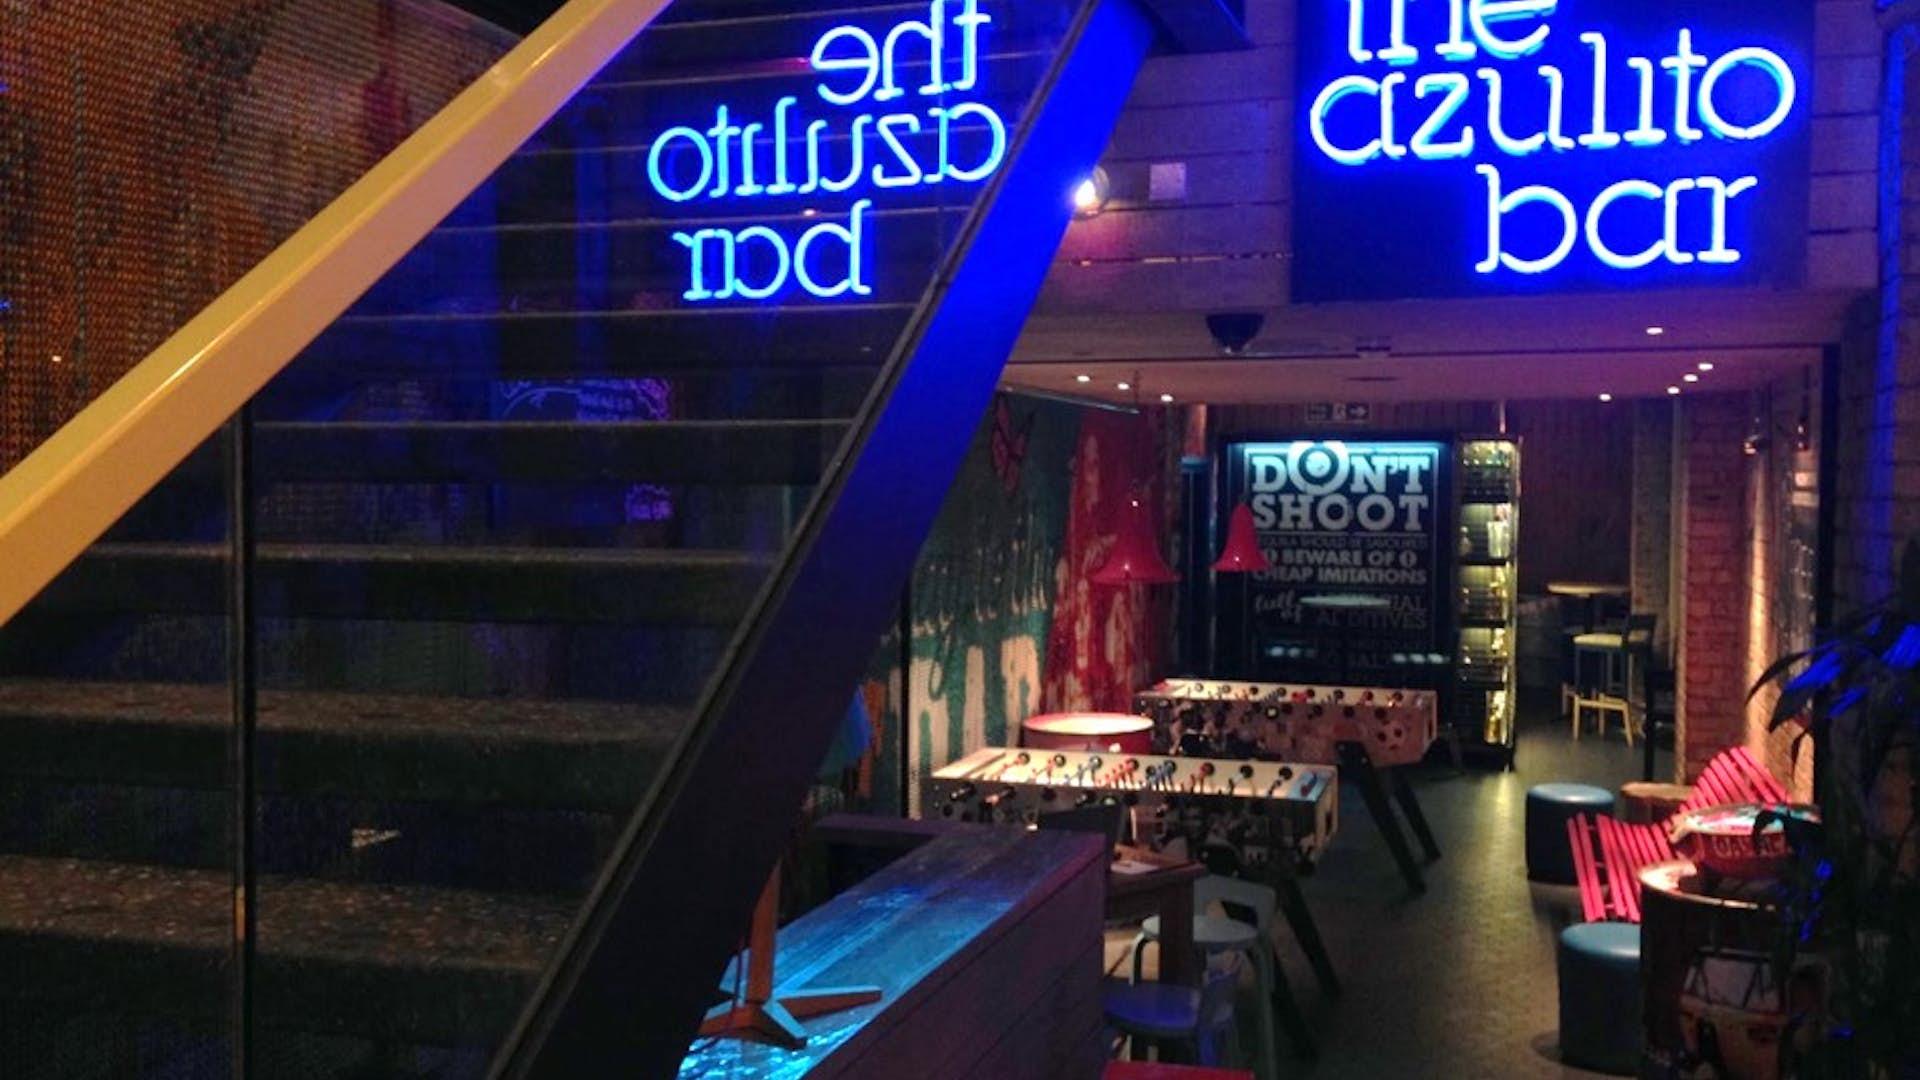 The Azulito Bar